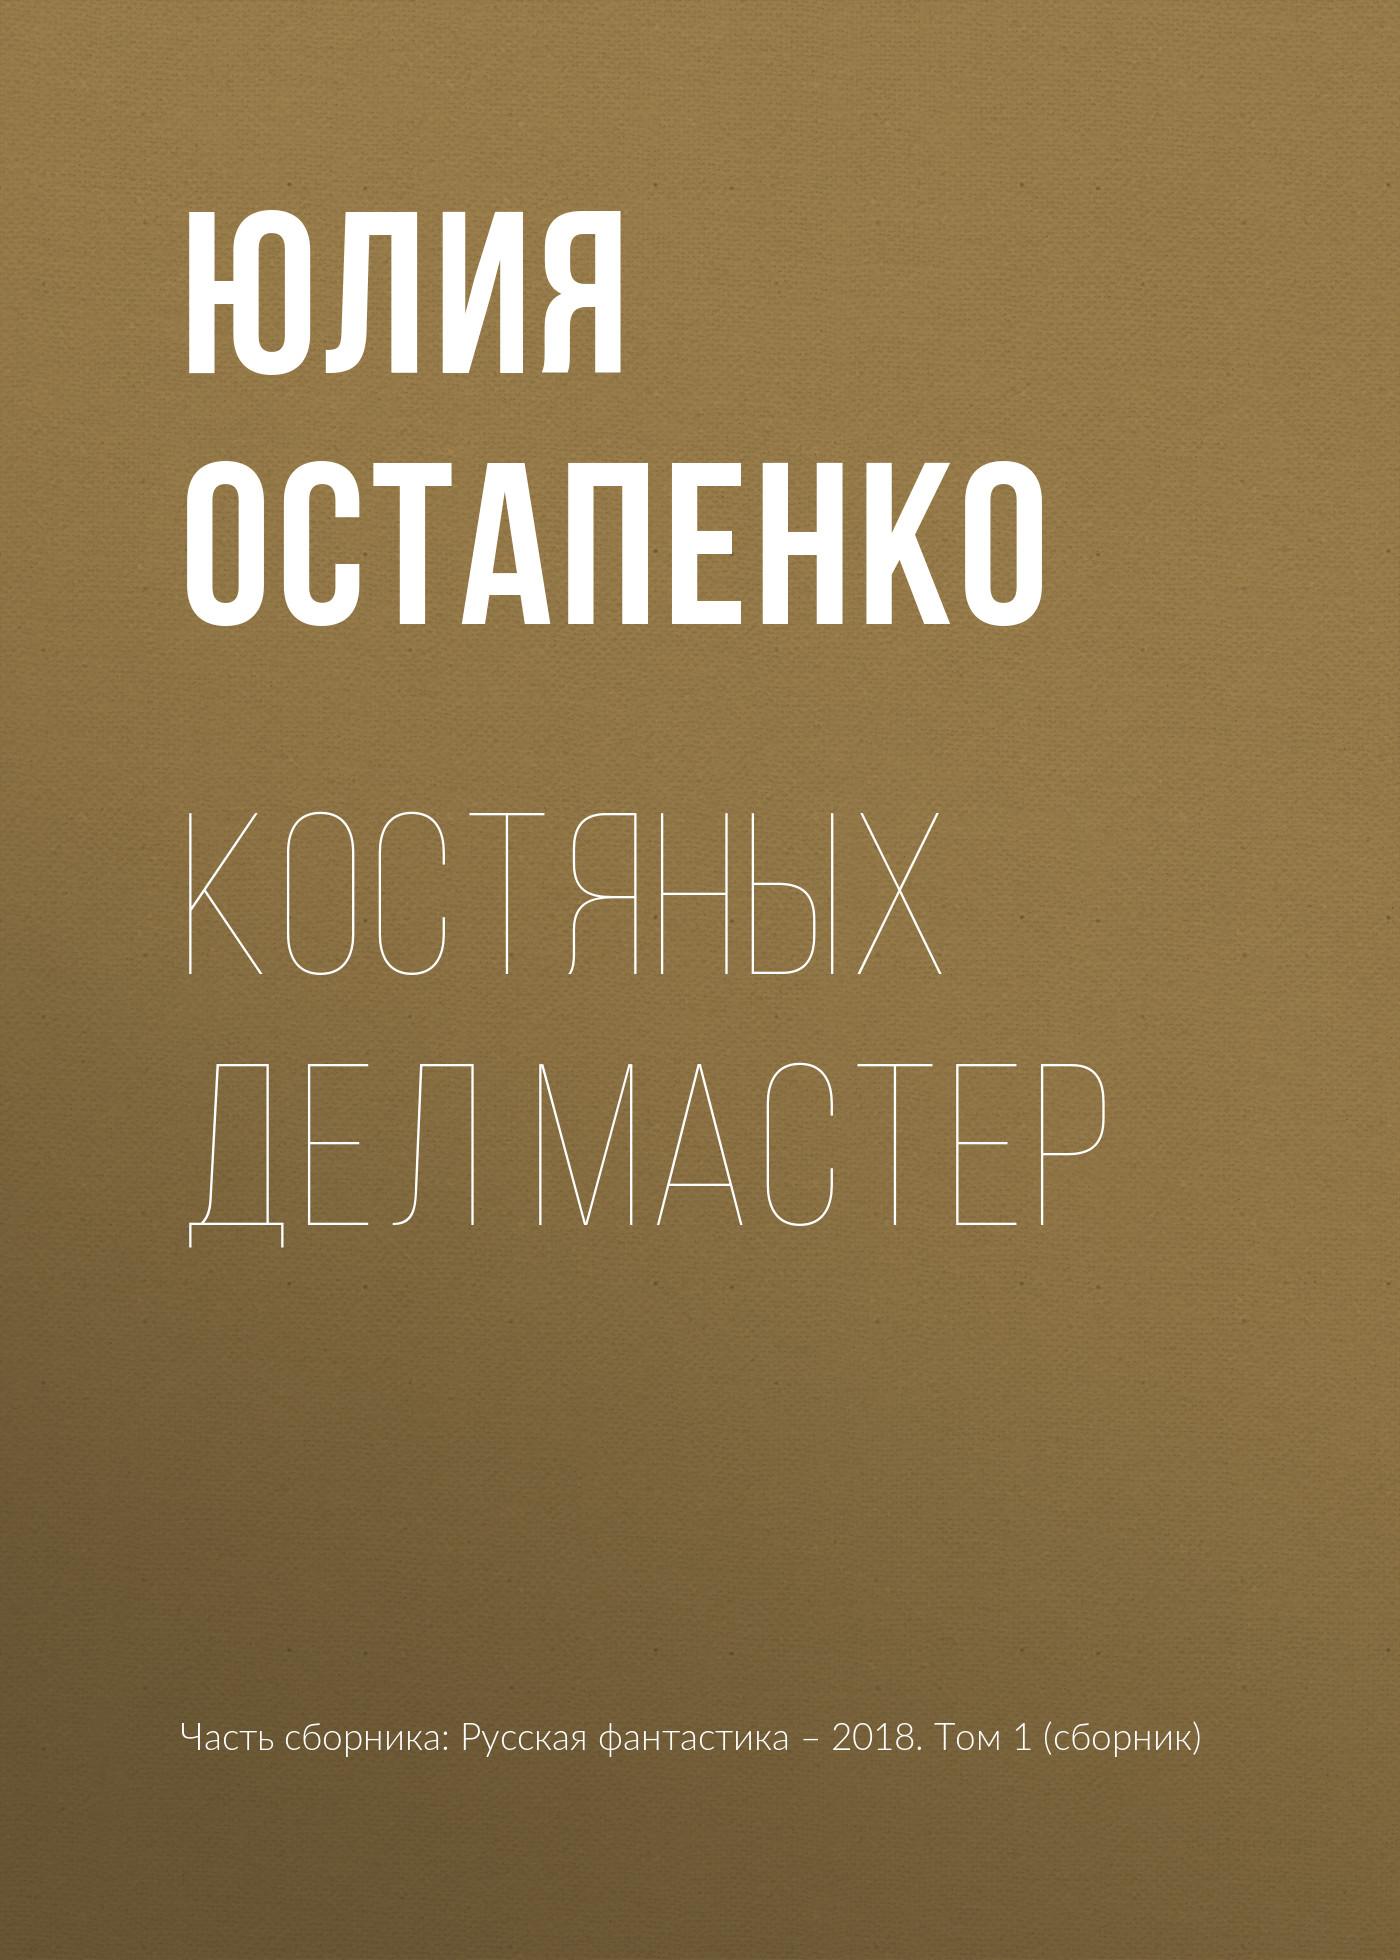 kostyanykh del master